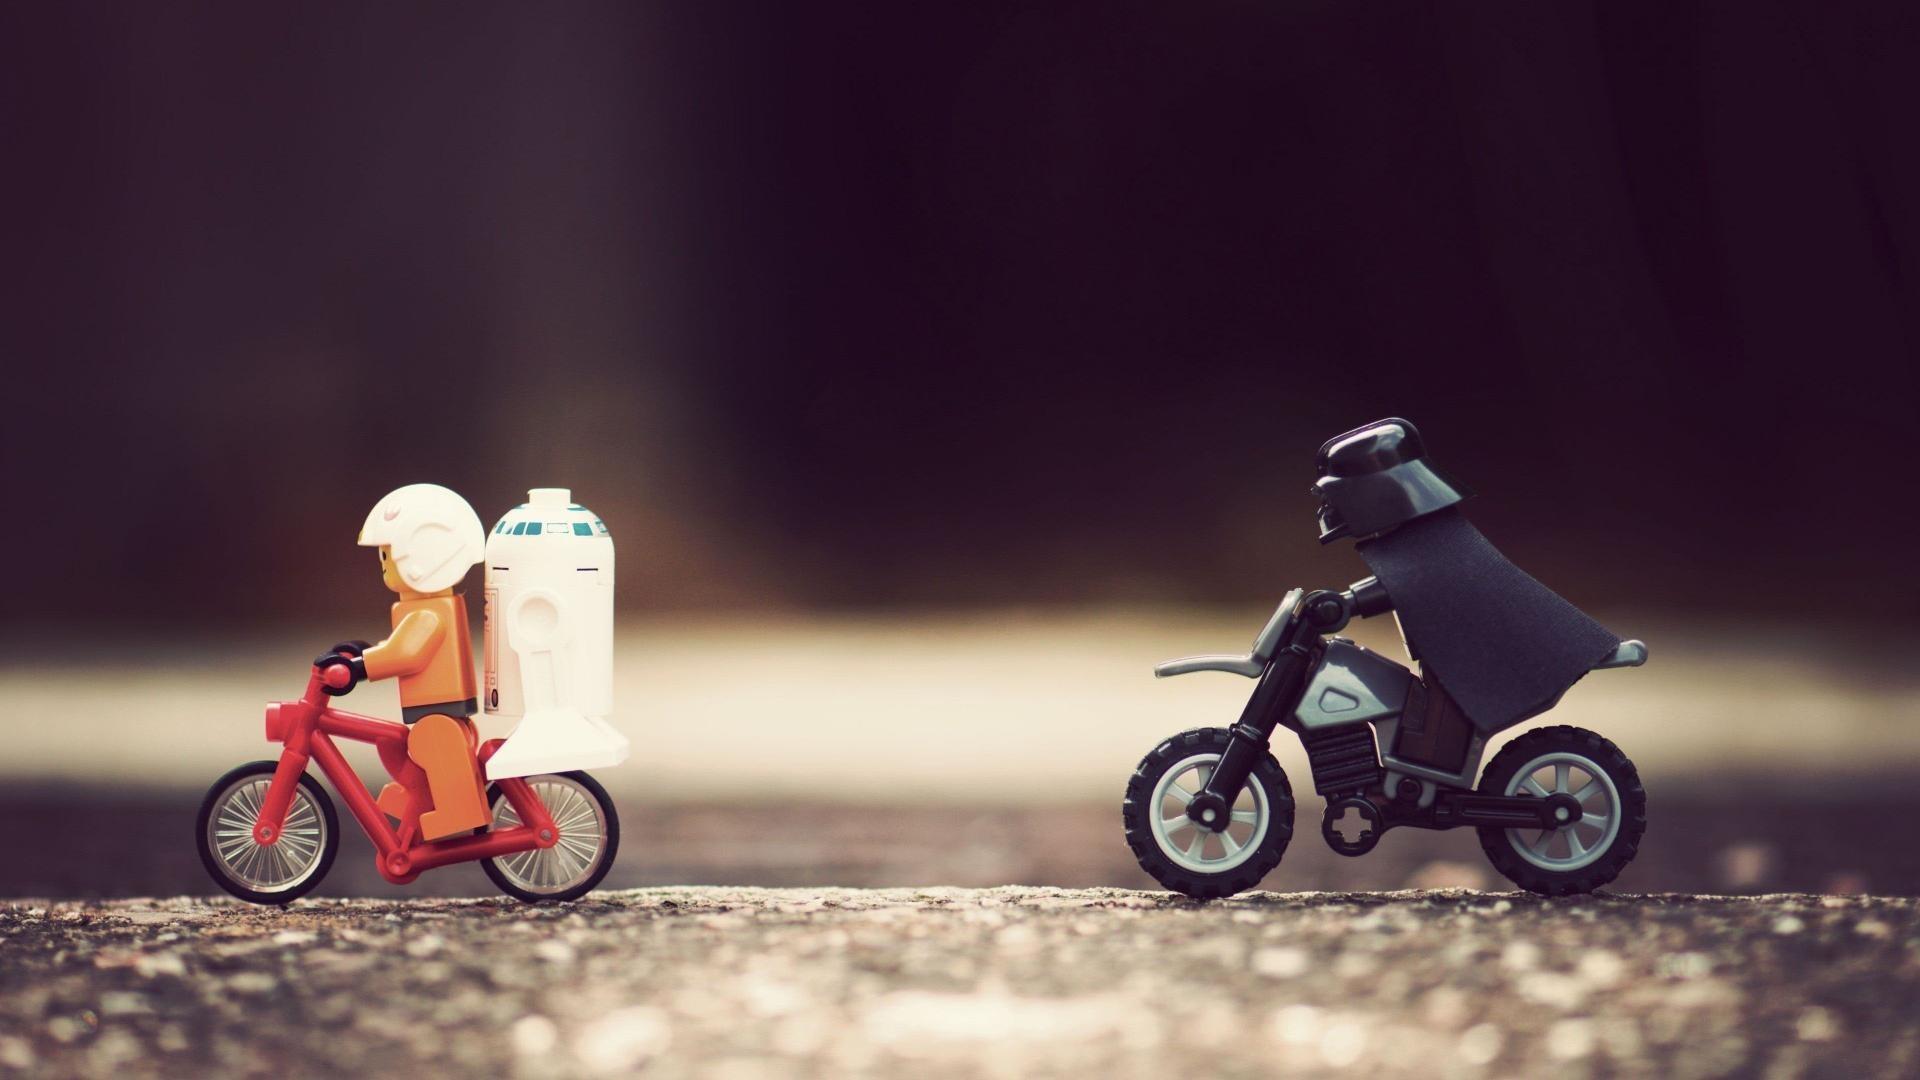 Star Wars Lego Funny